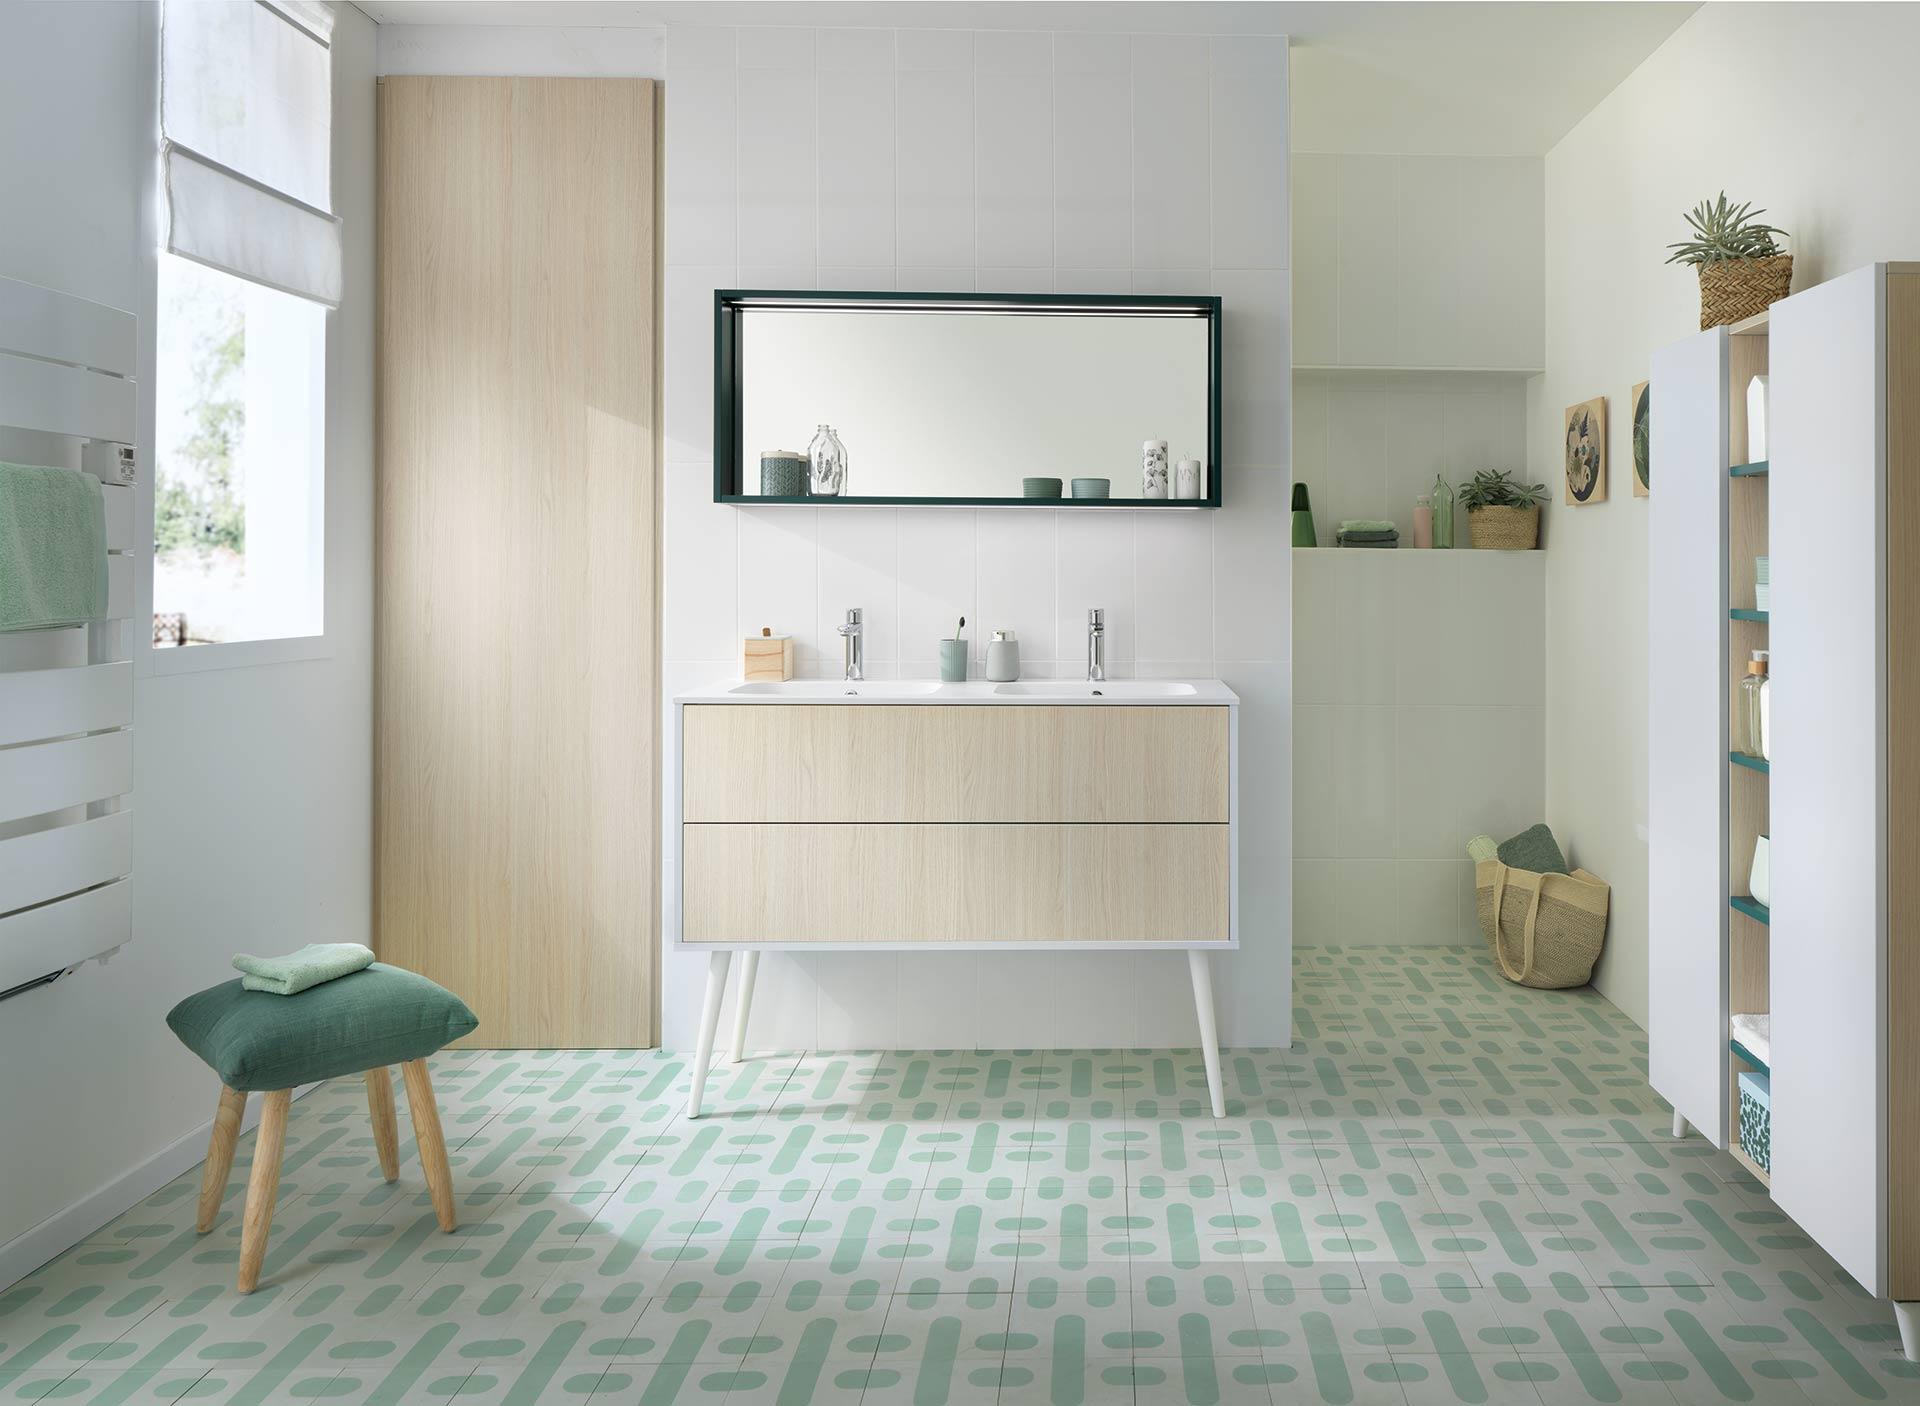 Petite salle de bains ? Idées de meubles pour bien ranger - Blog